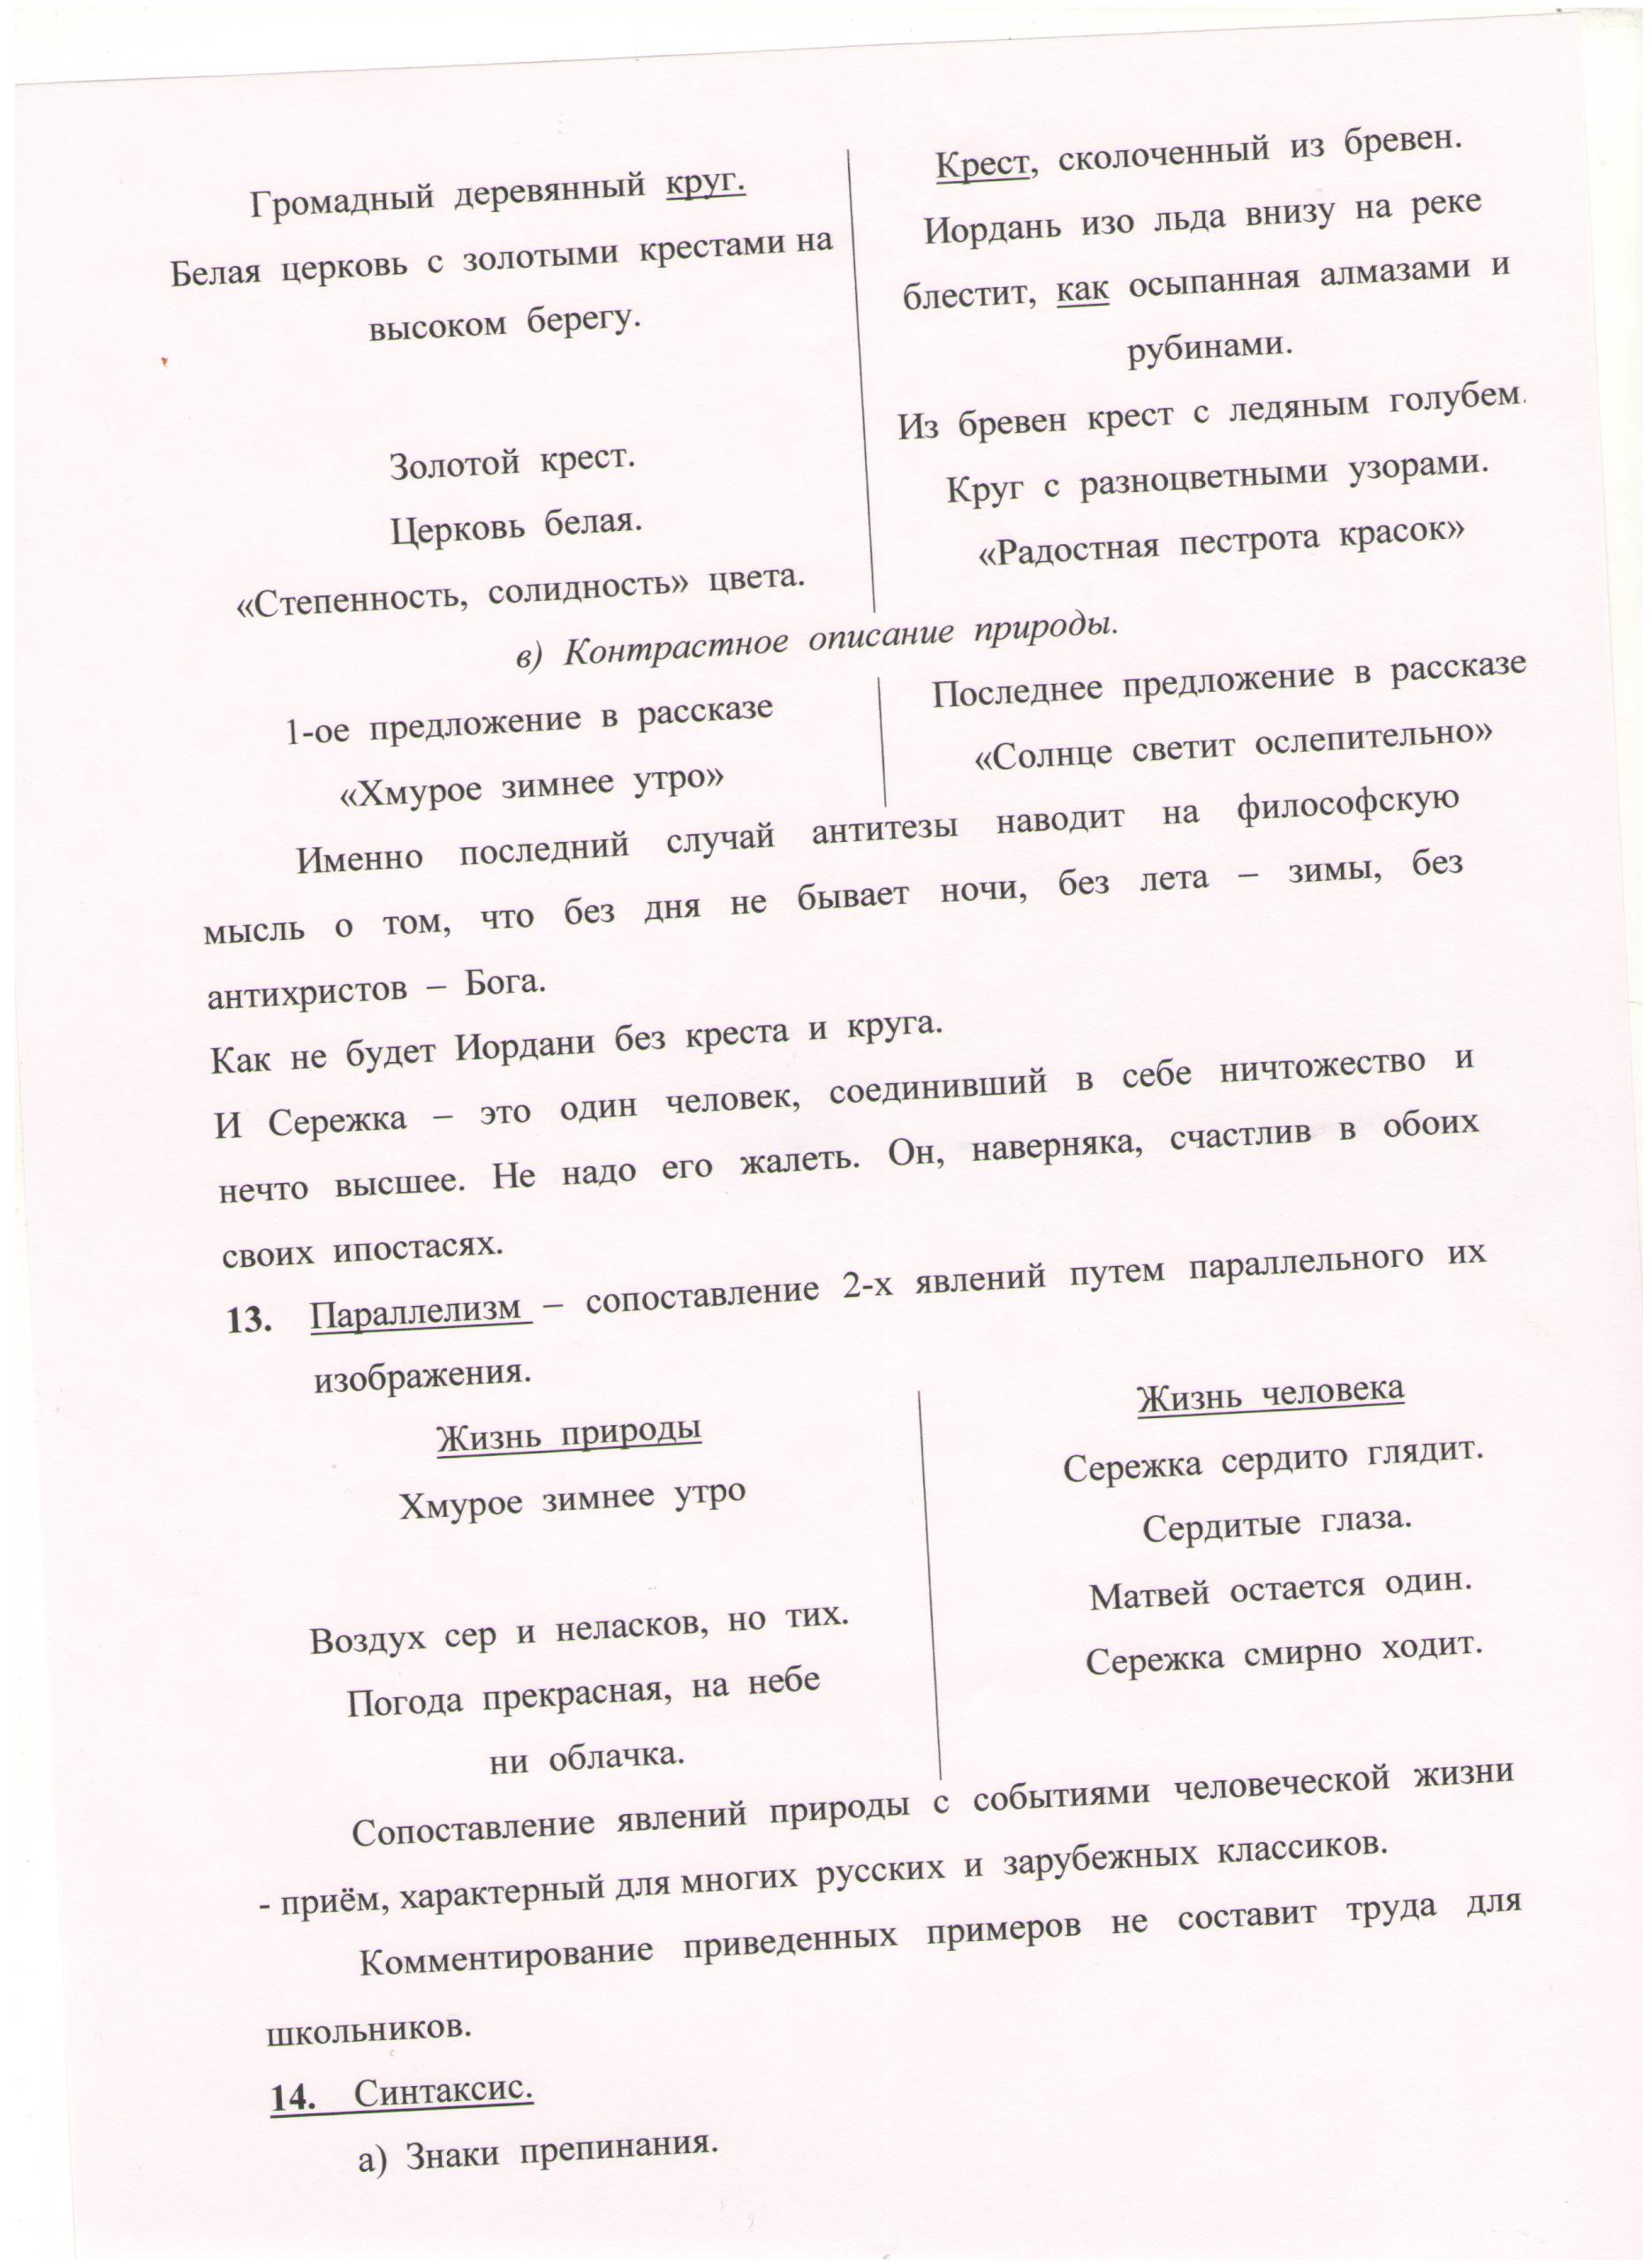 C:\Documents and Settings\Учитель\Рабочий стол\Новая папка\Работа Светы 23.jpg